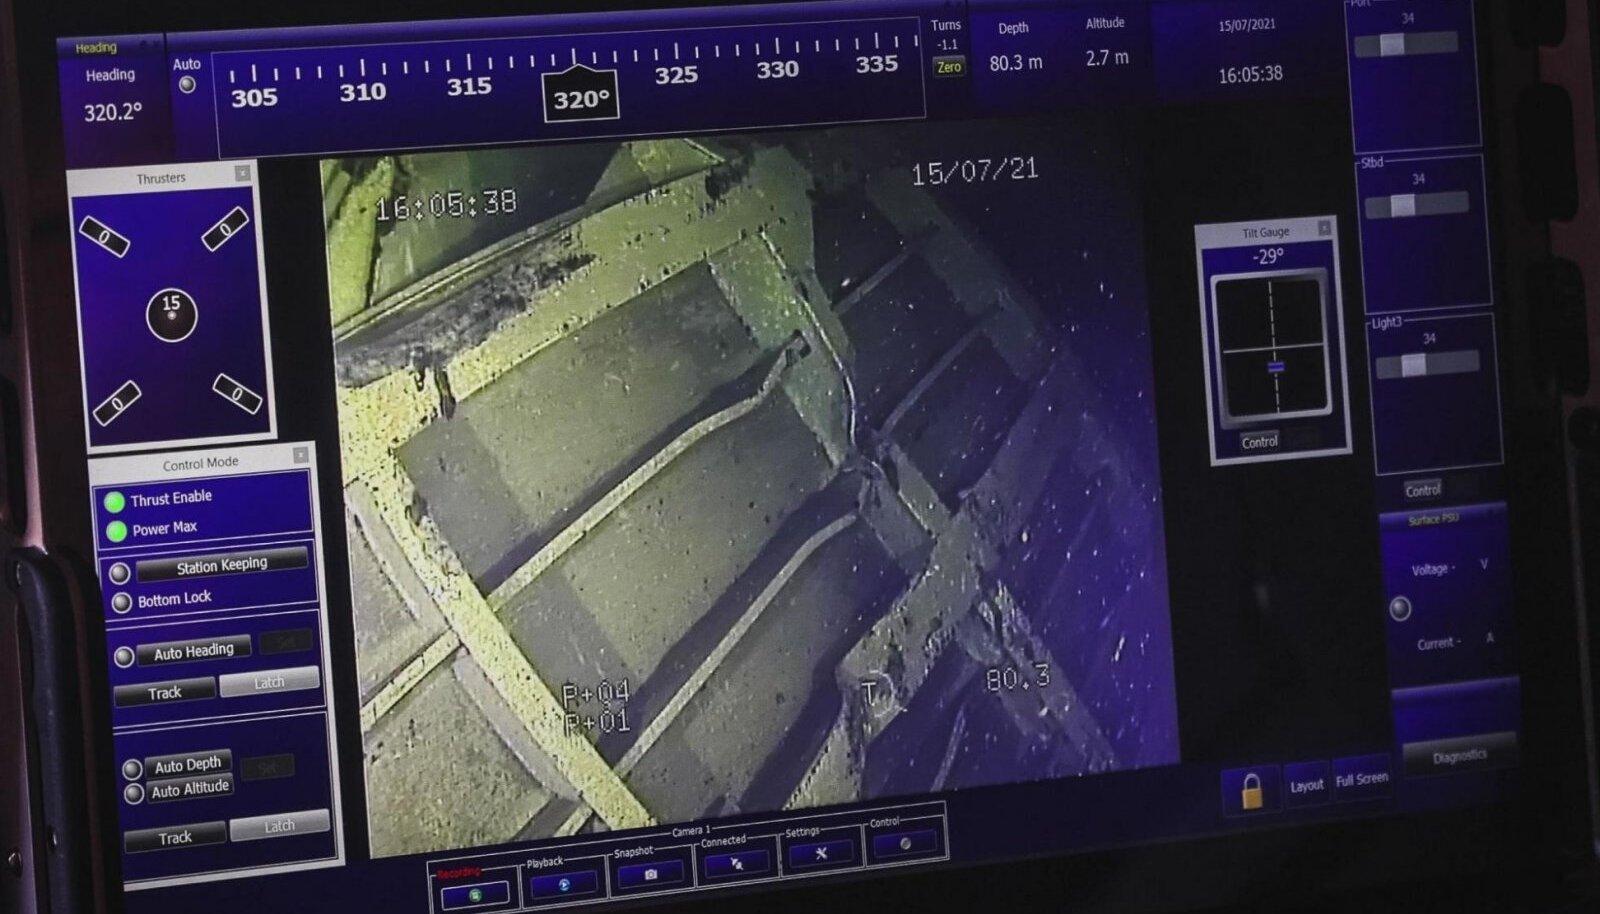 Kaamerapilt näitas ka vöörirampi, mis on kinnitustest lahti tulnud.